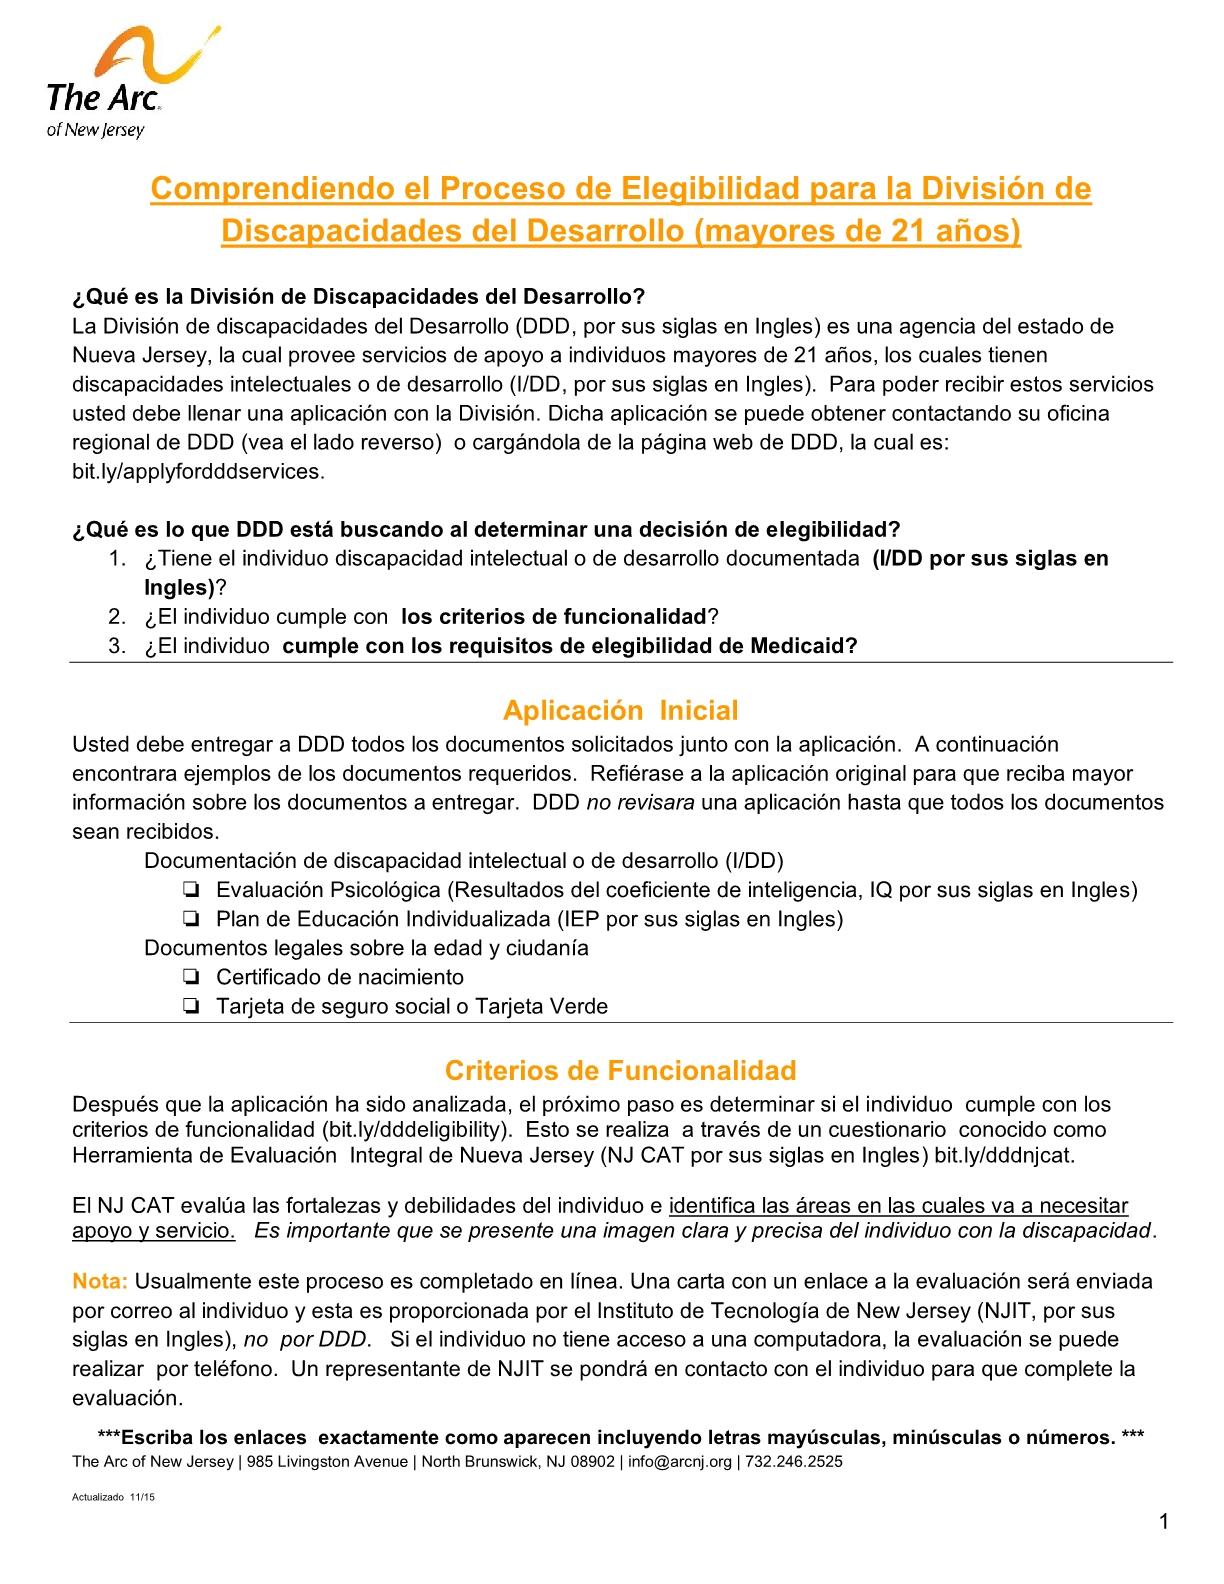 Spanish - Understanding DDD's Determination of Eligibility Process